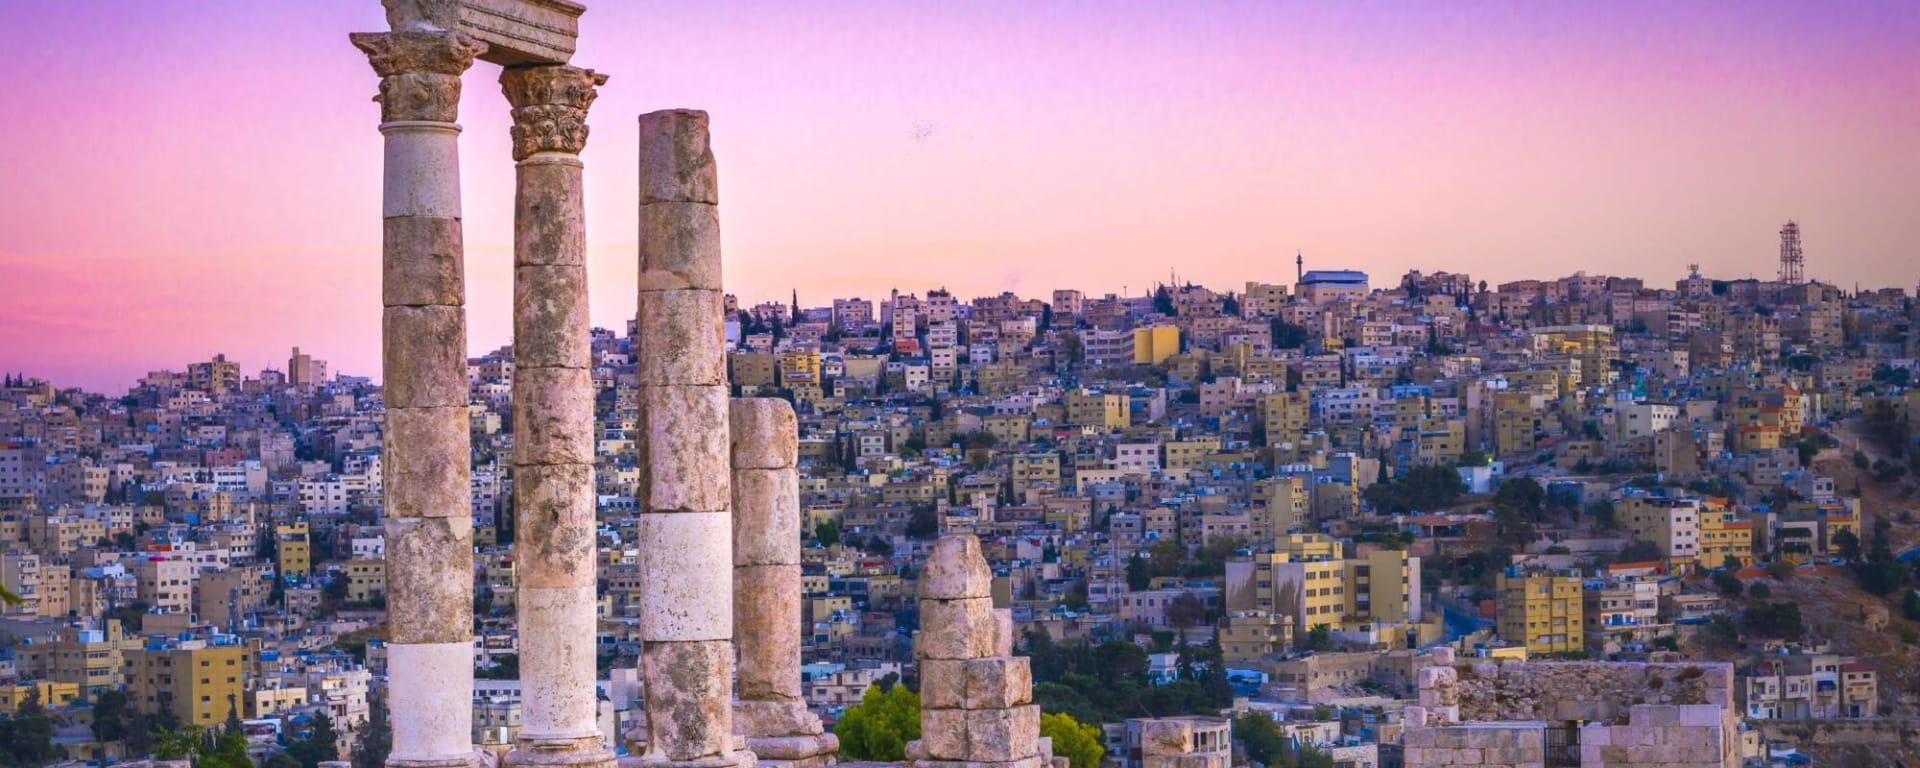 Jordanien entdecken mit Tischler Reisen: Jordanien Amman Zitadelle archaeologischer Park